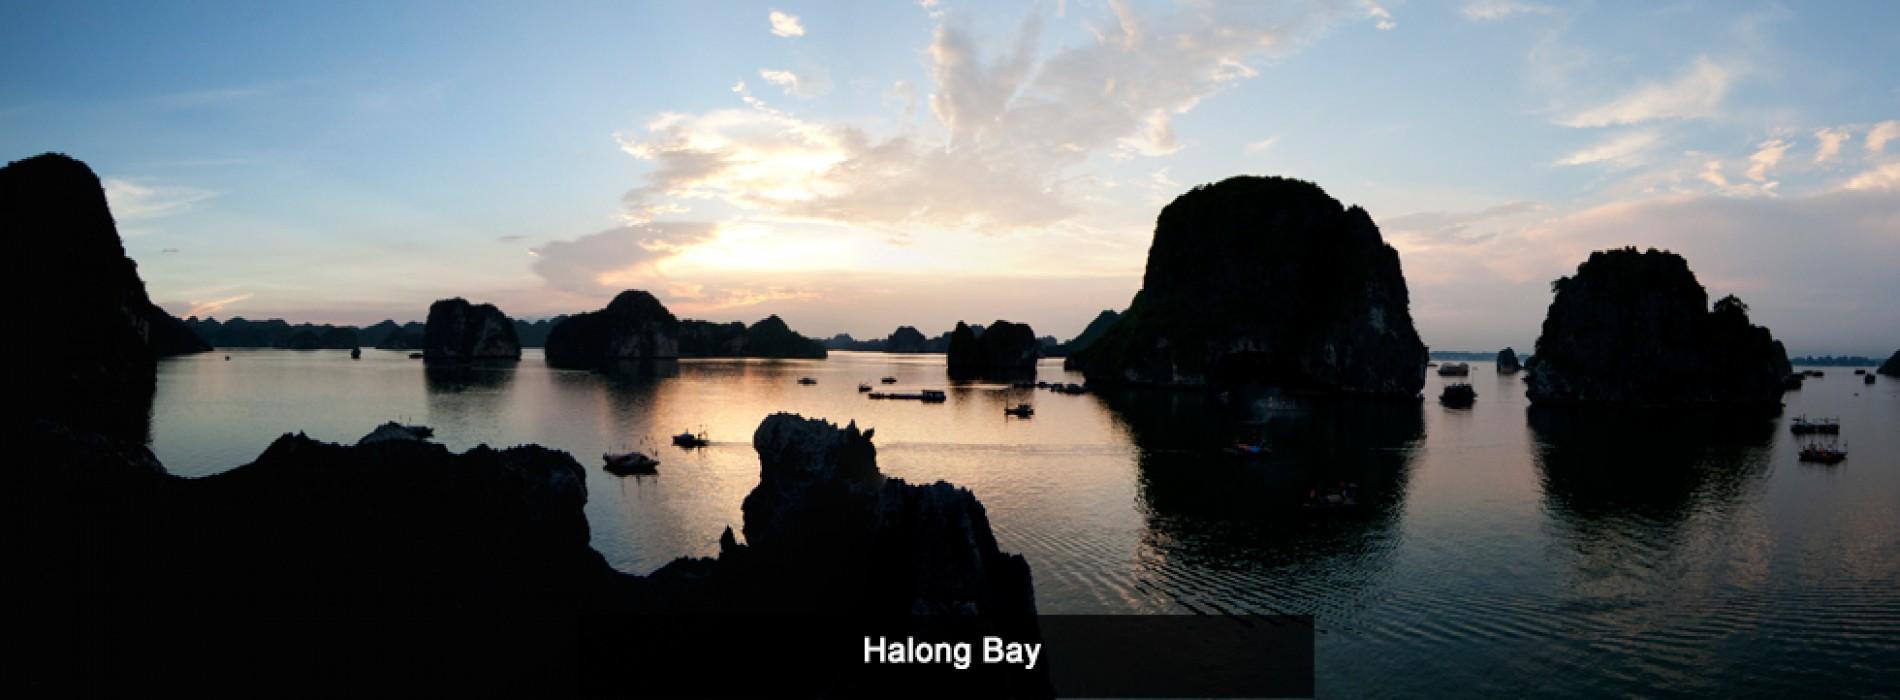 Five Fresh Ways to See Vietnam in 2018